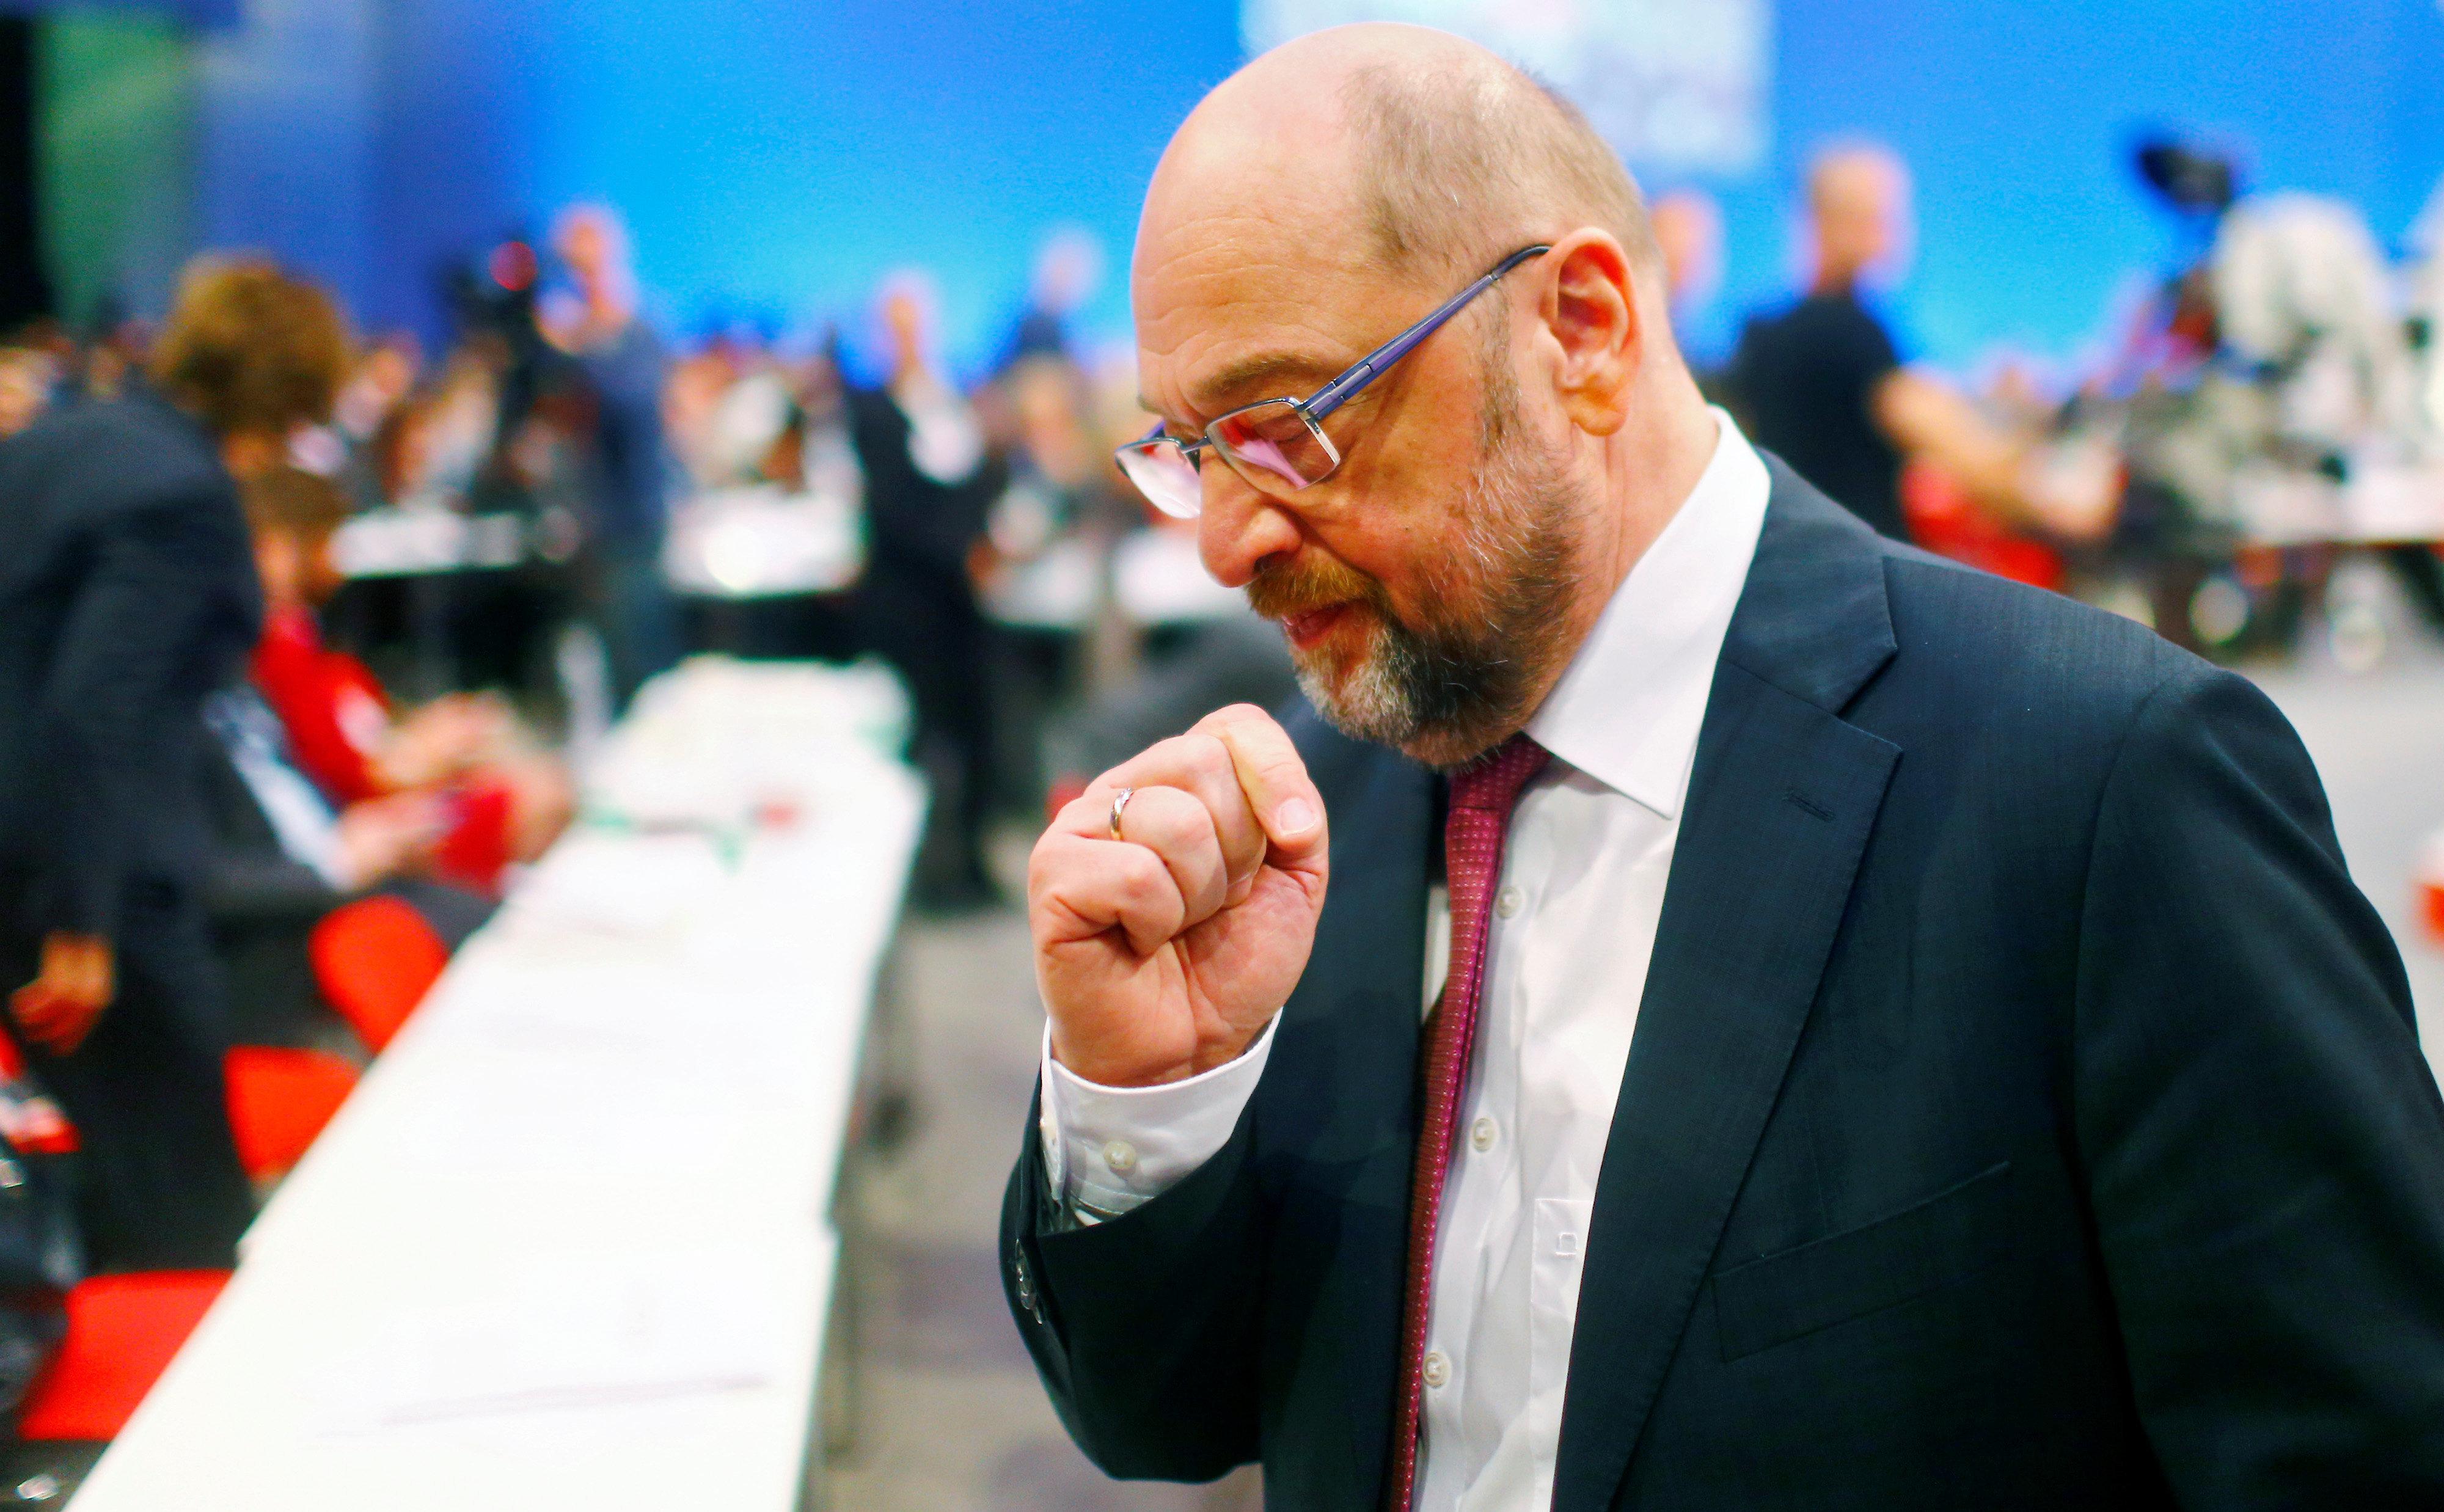 Regierungsbildung - SPD prüft GroKo